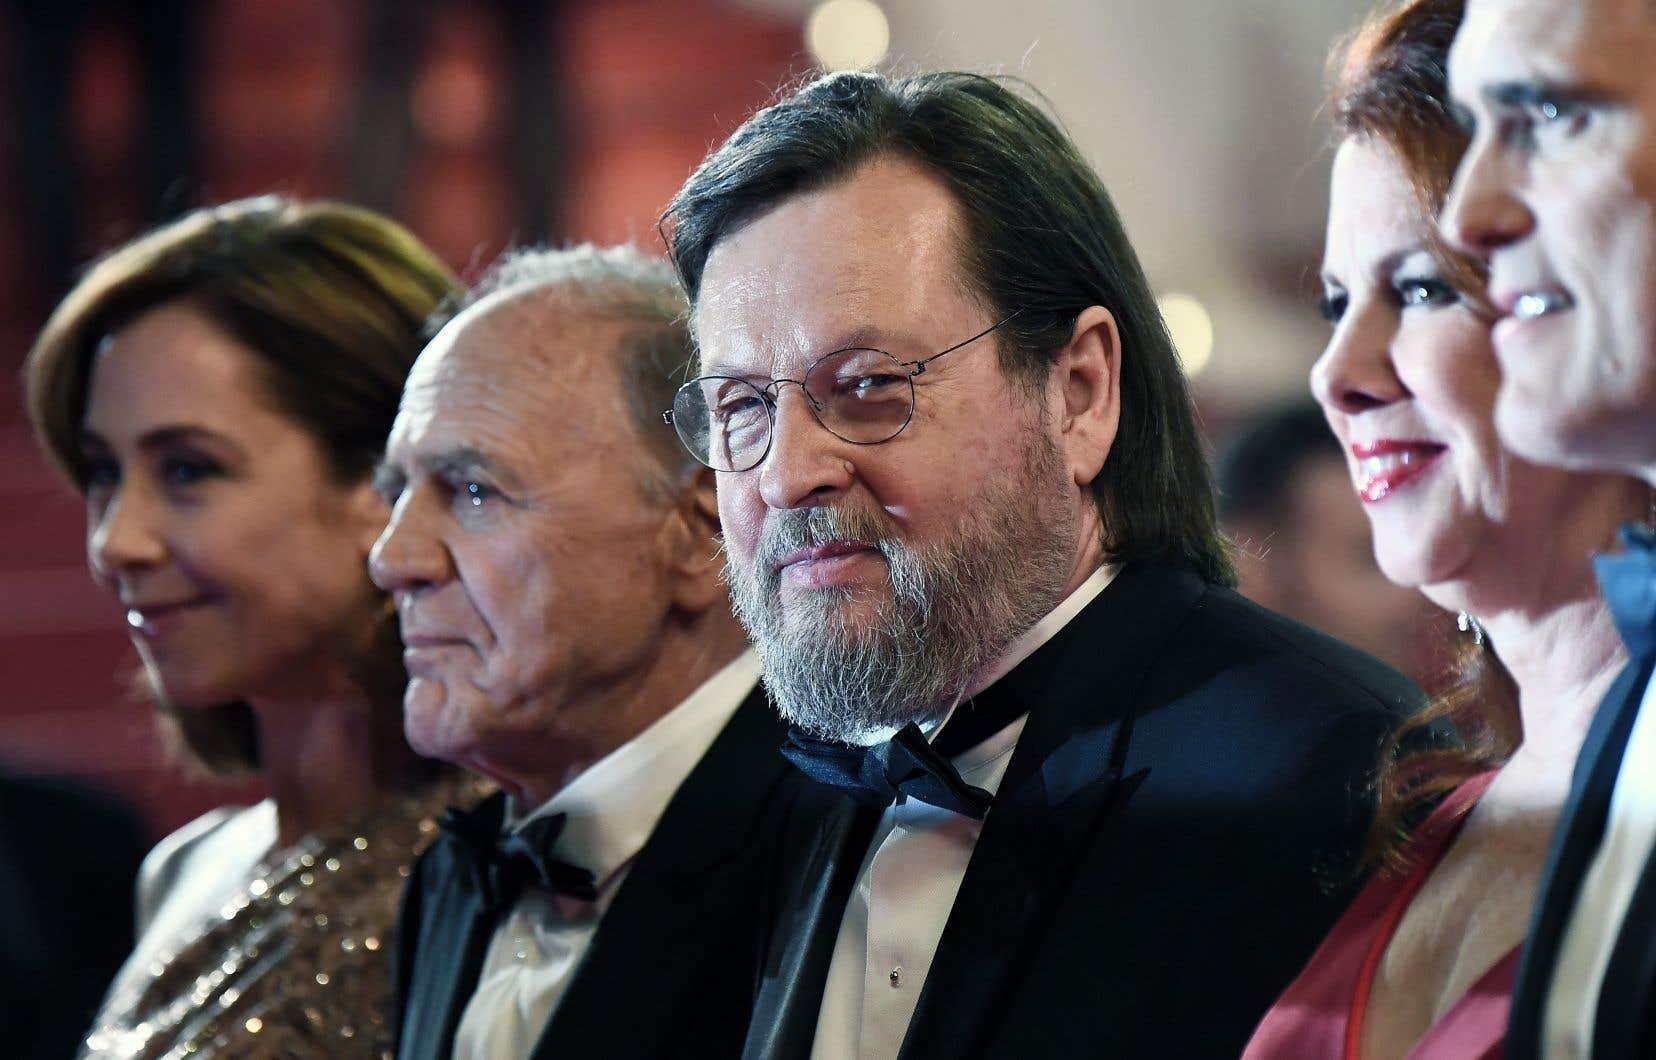 Accompagné de ses acteurs, le réalisateur Lars von Trier a présenté sa dernière œuvre, «The House that Jack Built», au public cannois.